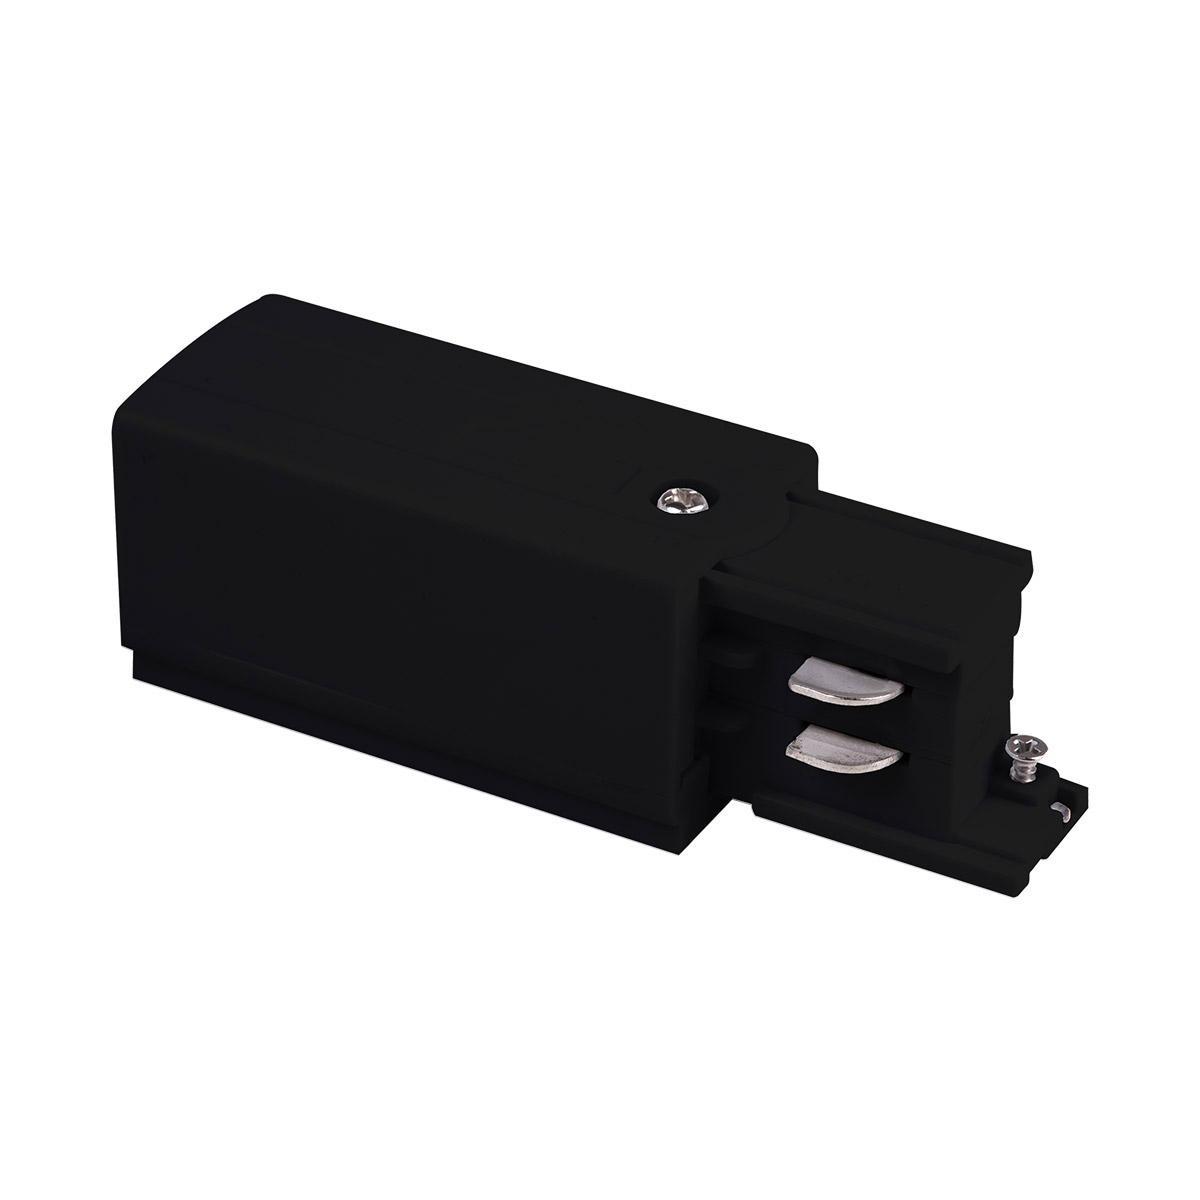 TRP-1-3-R-BK / Ввод питания правый для трехфазного шинопровода (черный)